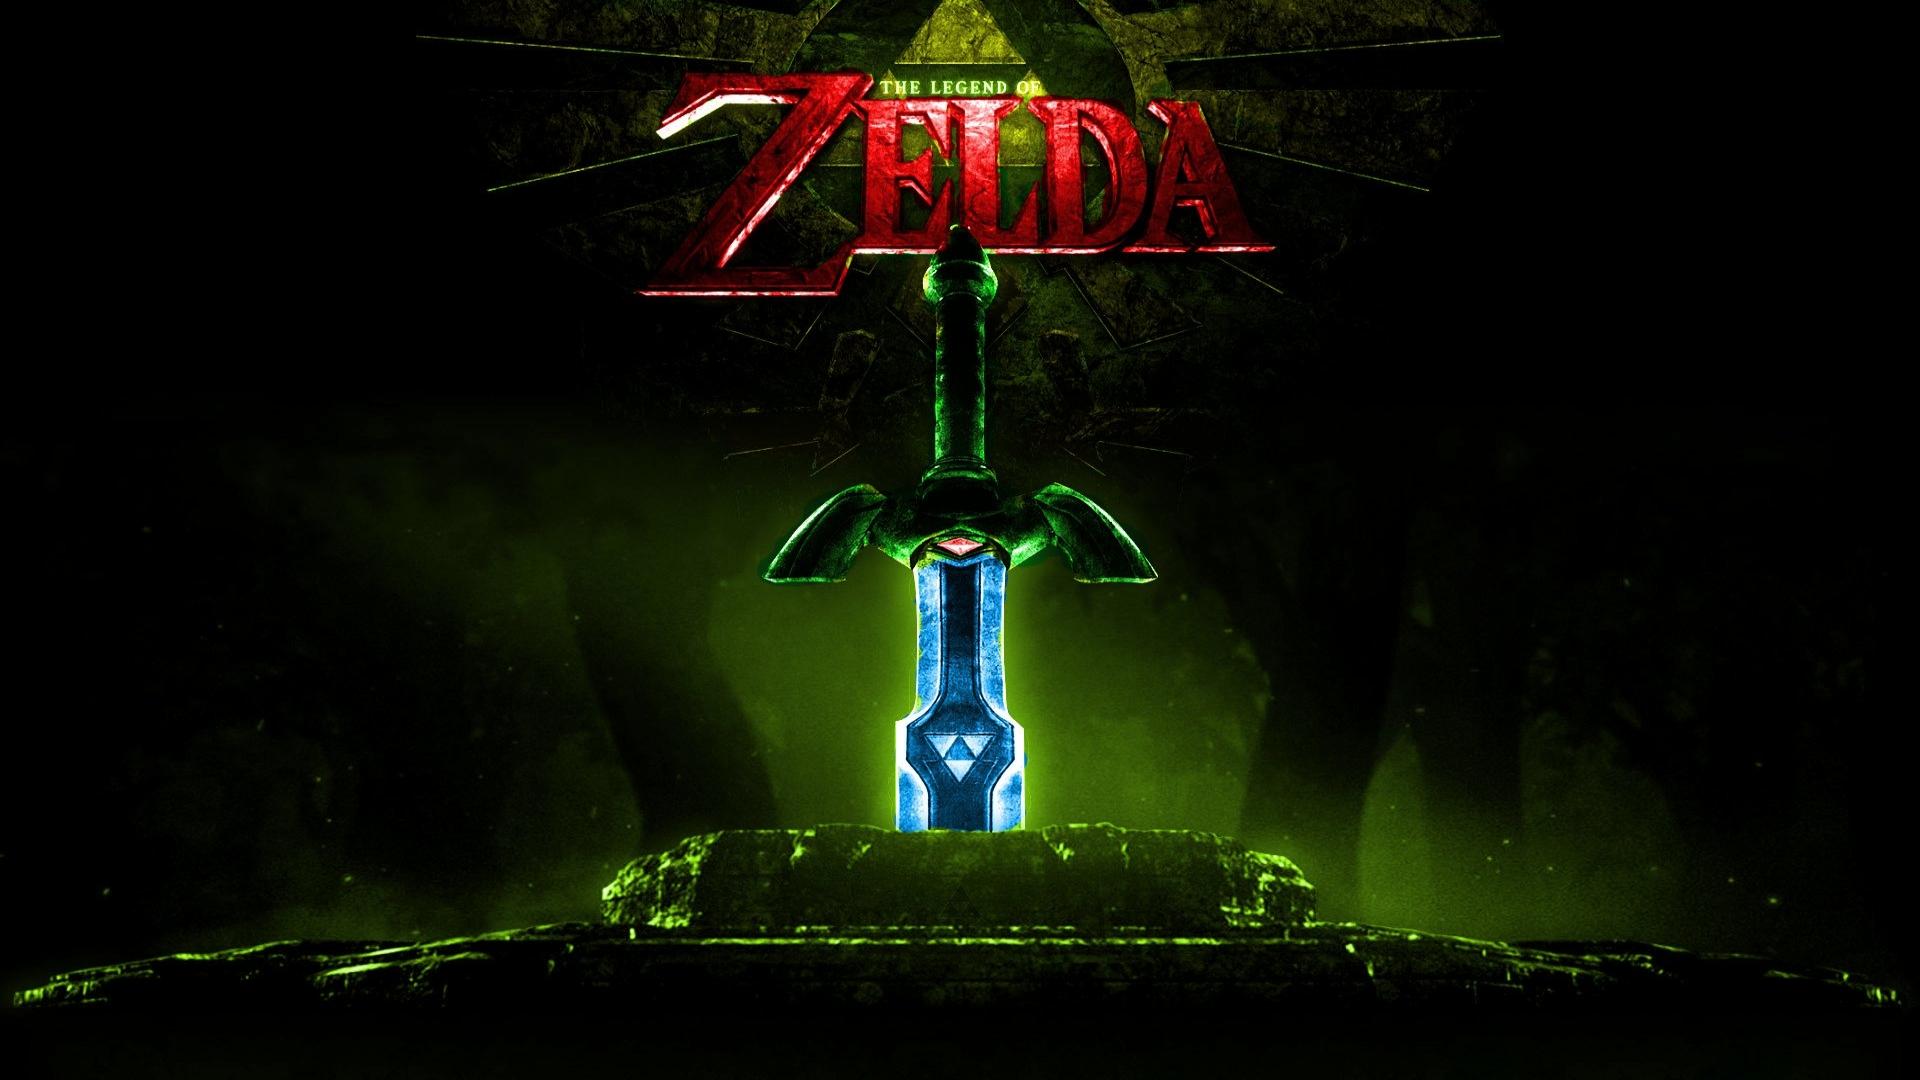 shield the legend of zelda master sword 1920x1080 wallpaper 36904 1920x1080